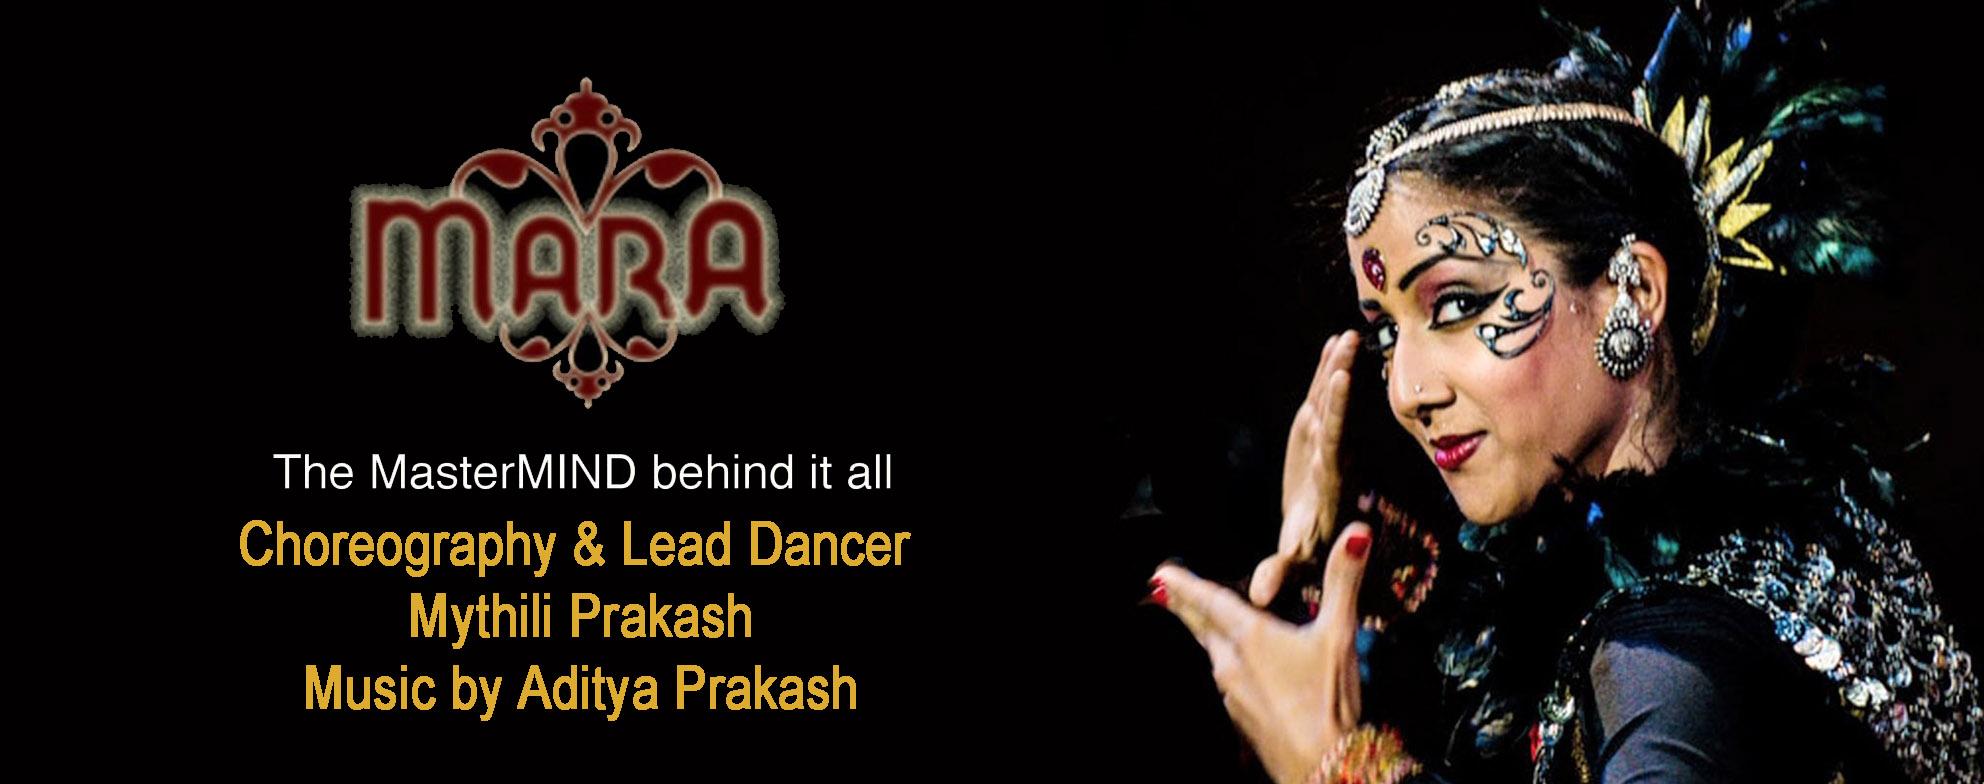 MARA by Mythili Prakash and Aditya Prakash